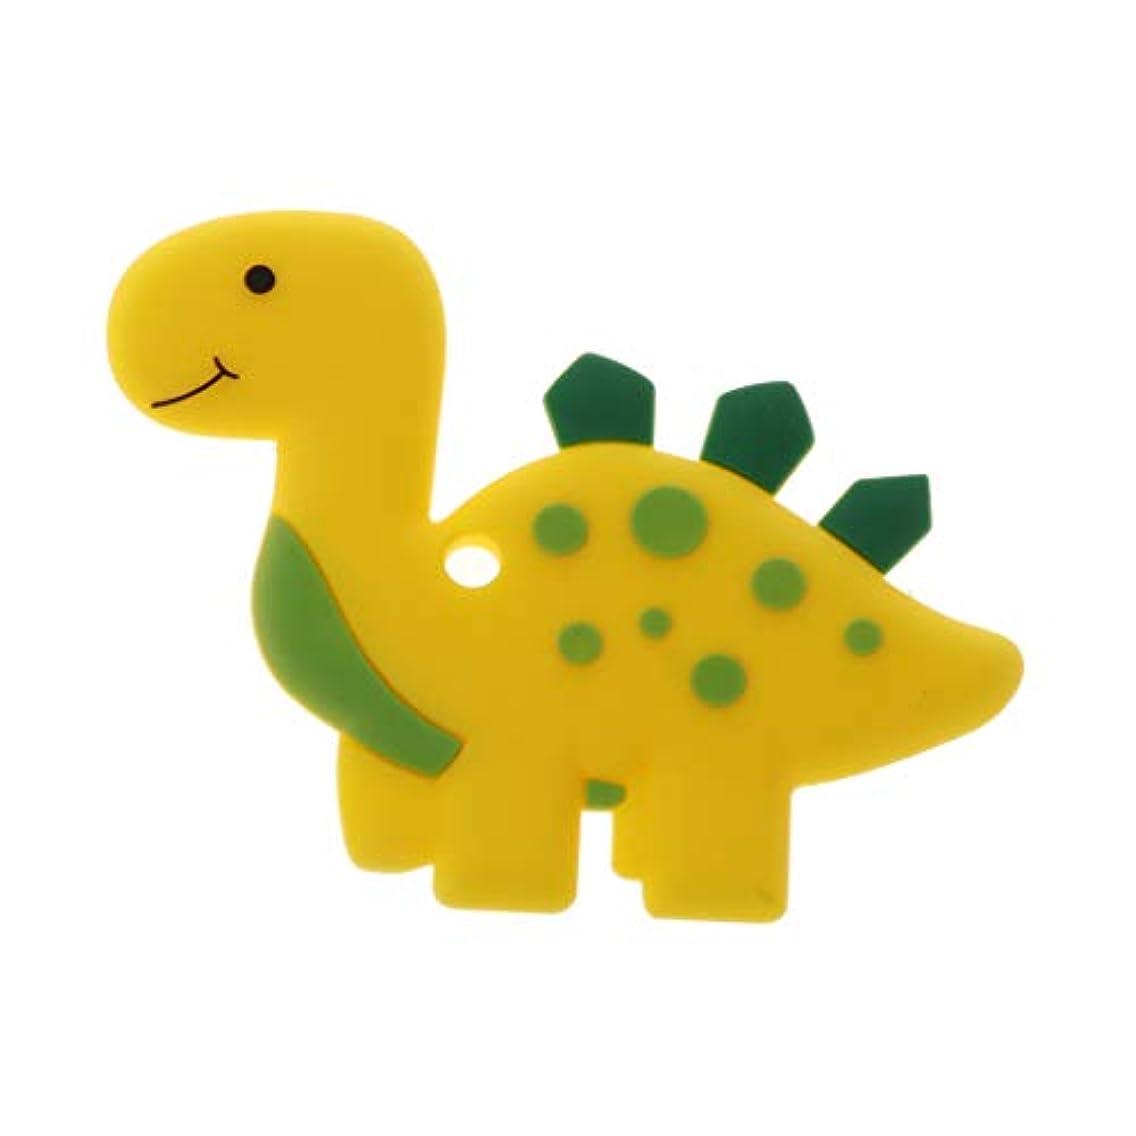 九時四十五分ミュート新聞Landdumシリコーンおしゃぶり恐竜おしゃべり赤ちゃん看護玩具かむ玩具歯が生えるガラガラおもちゃ - ロイヤルブルー